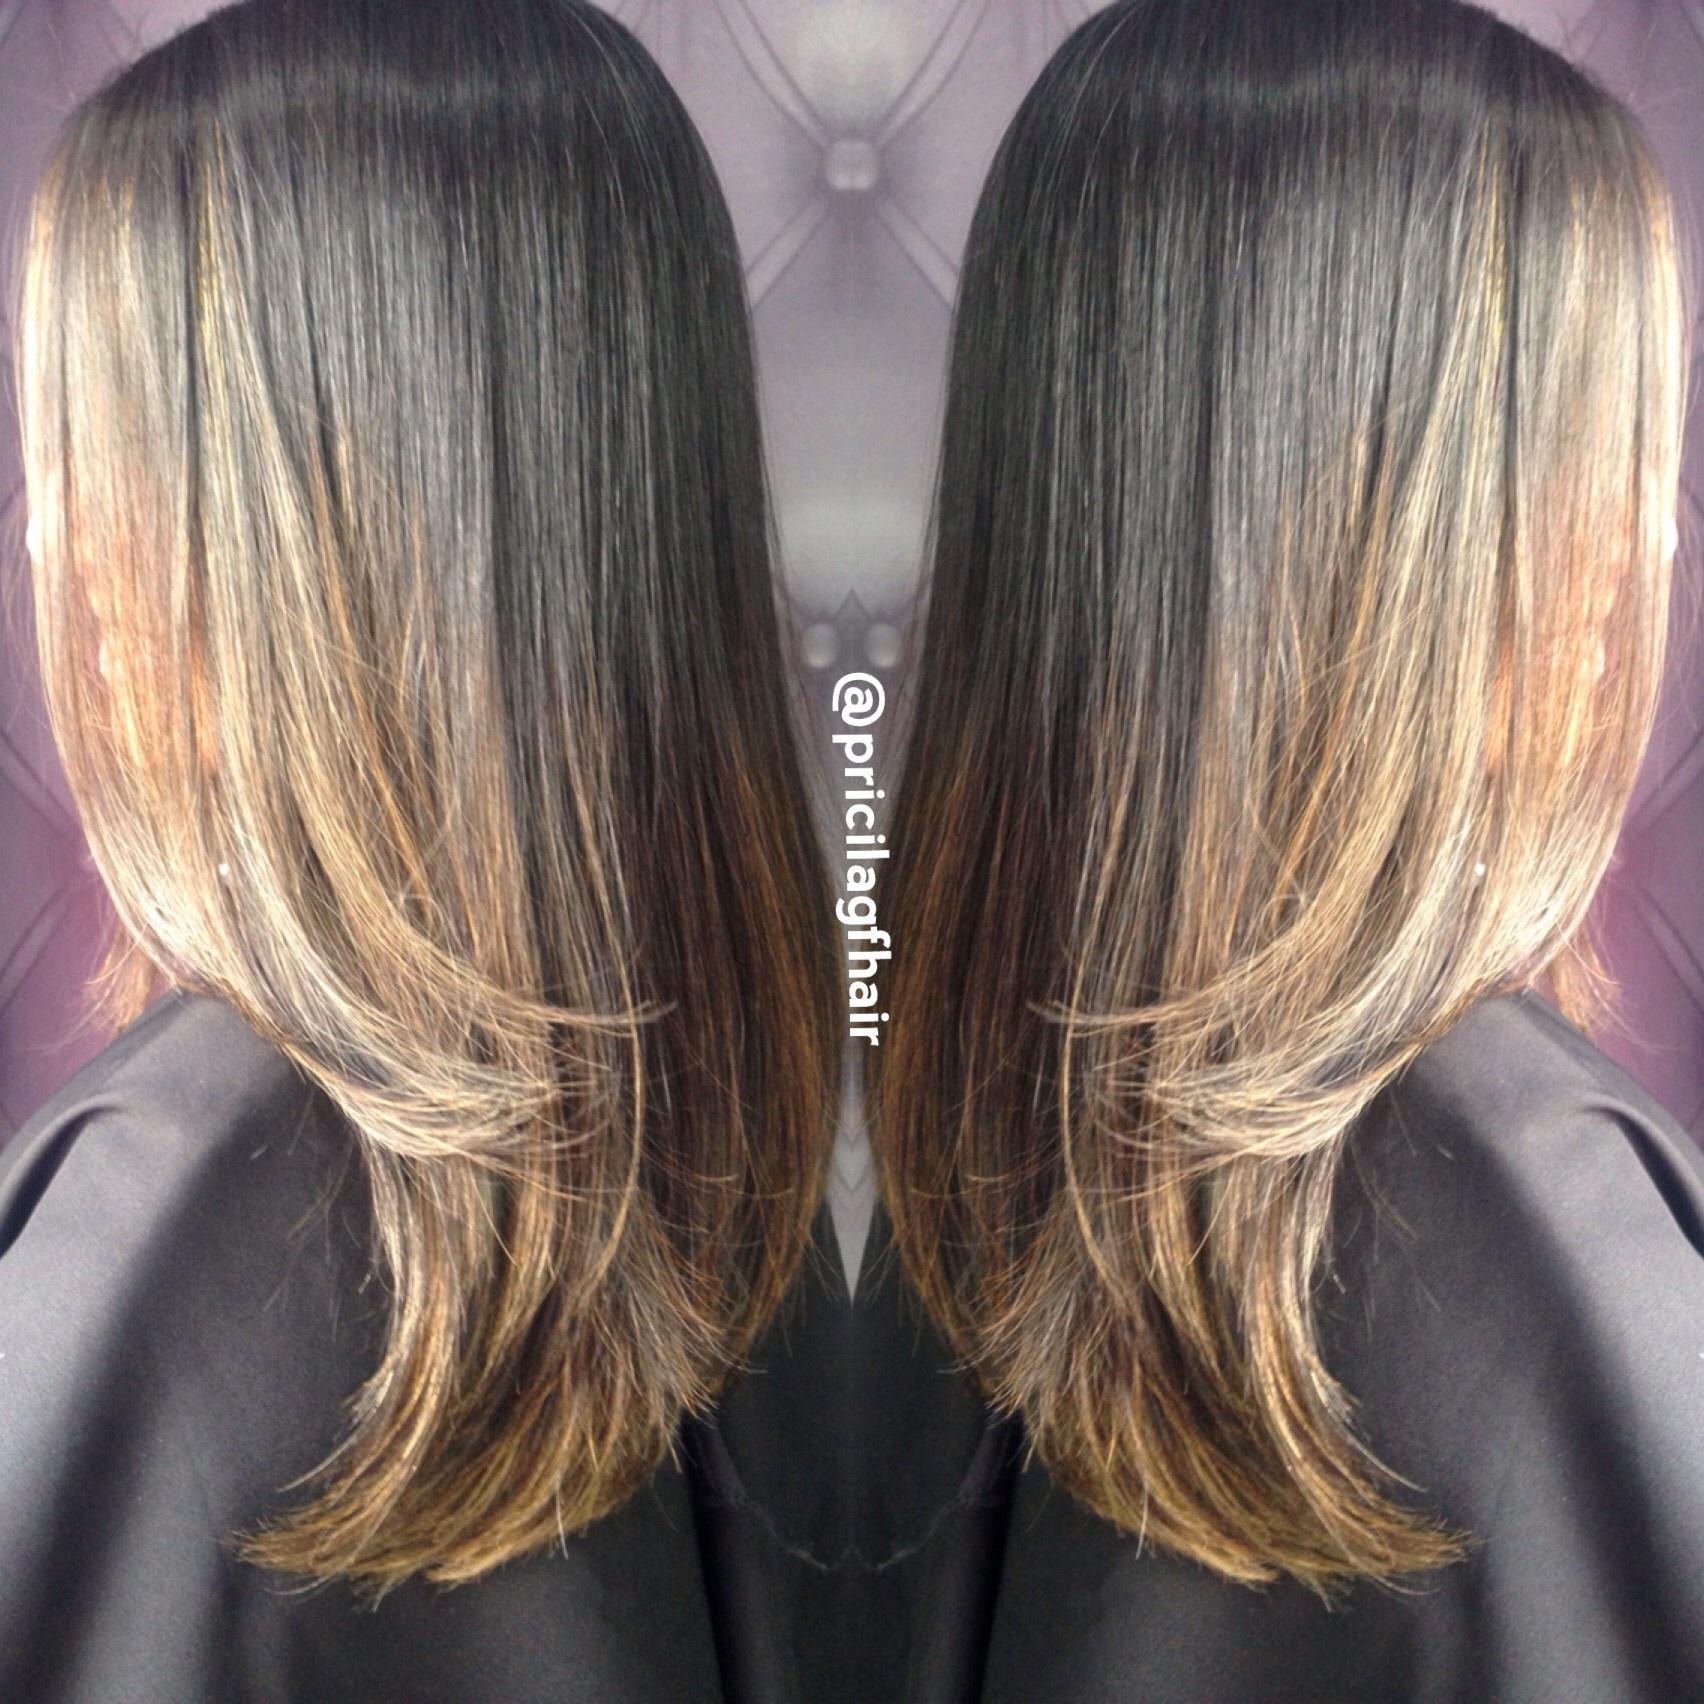 Morena iluminada Loiro perfeito By Pricila Ferreira @pricilagfhair #loiros #loirodosonhos #luzes #mechas #ombrehair #hair #loirodivo #platinado #cabelo #morenailinada cabelo cabeleireiro(a) maquiador(a) designer de sobrancelhas